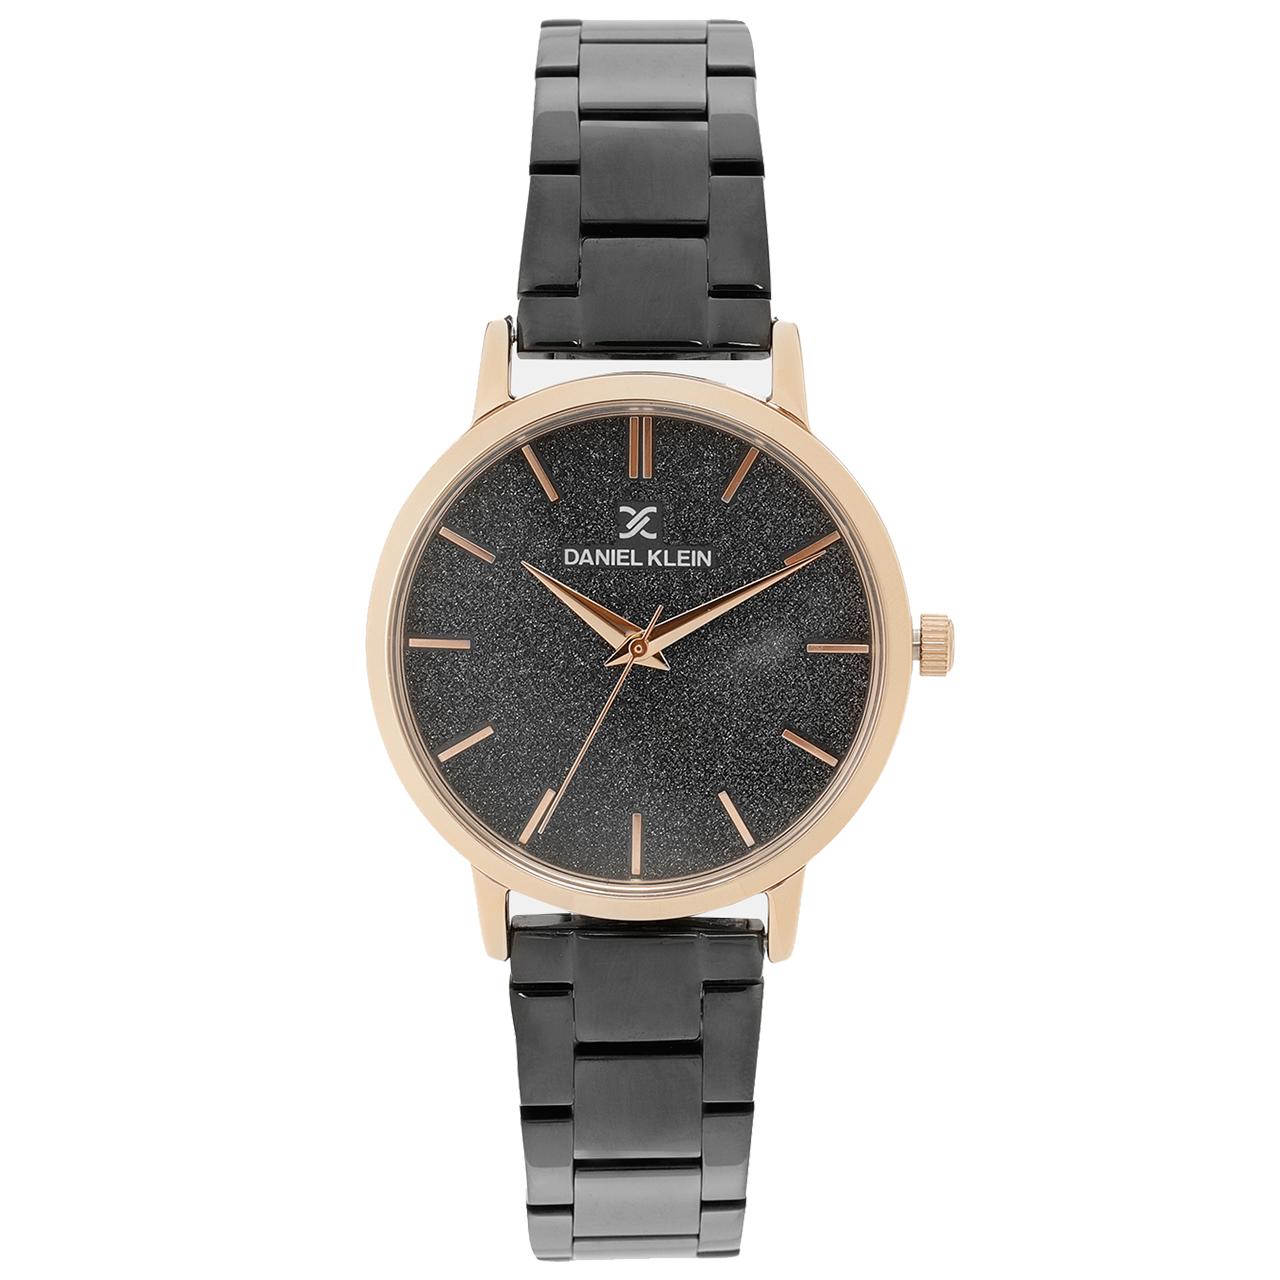 خرید ساعت مچی عقربه ای زنانه دنیل کلین مدل Premium DK11800-6